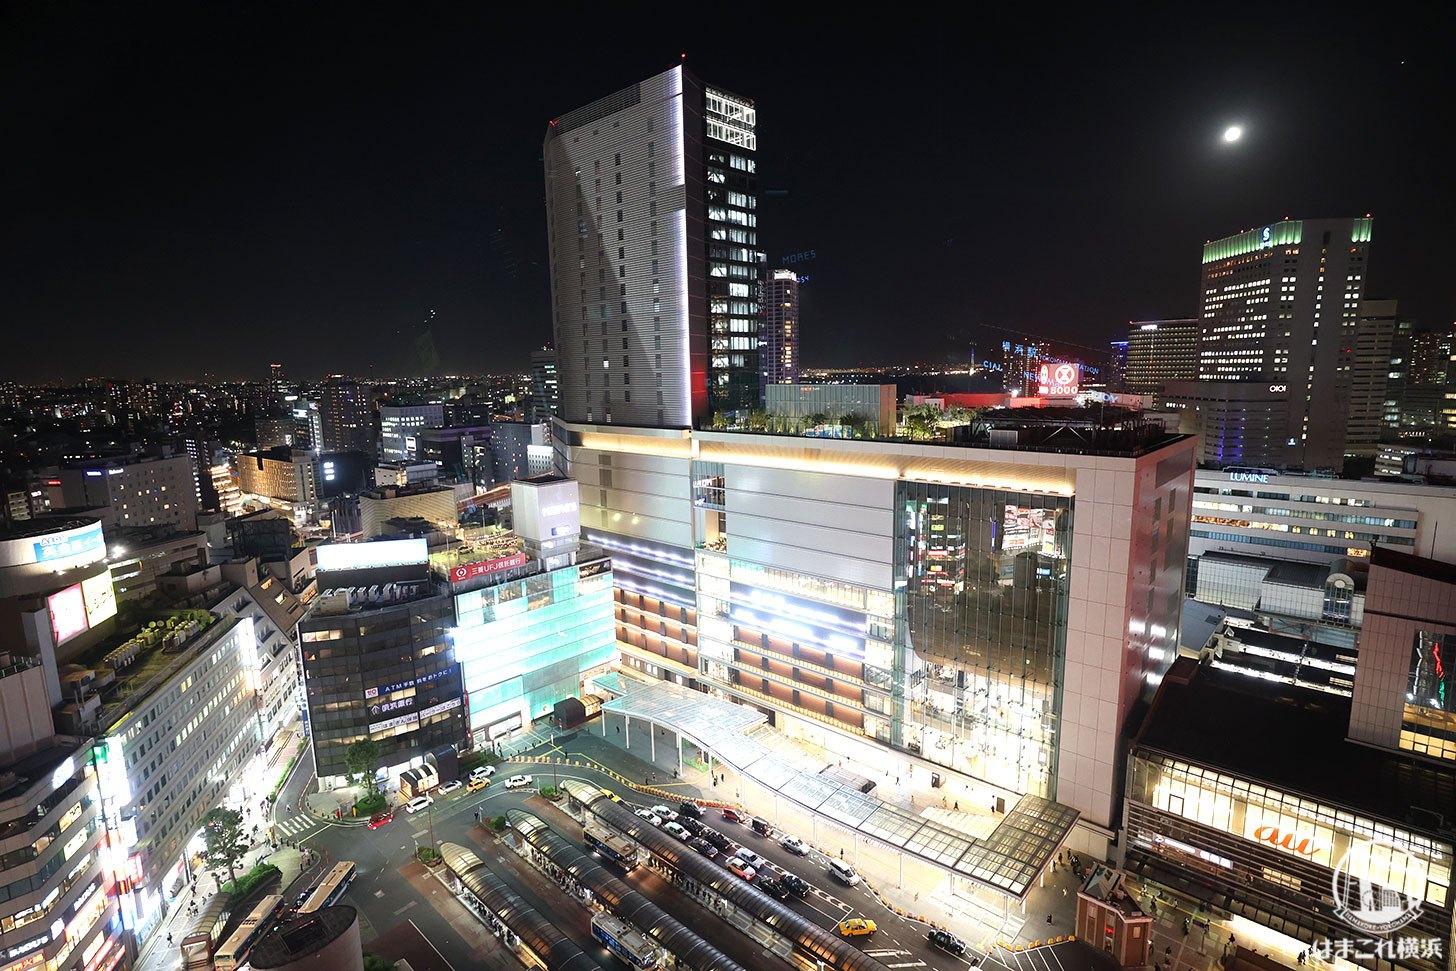 ラグジュアリーフロア「デラックスルーム」から見た横浜駅の夜景